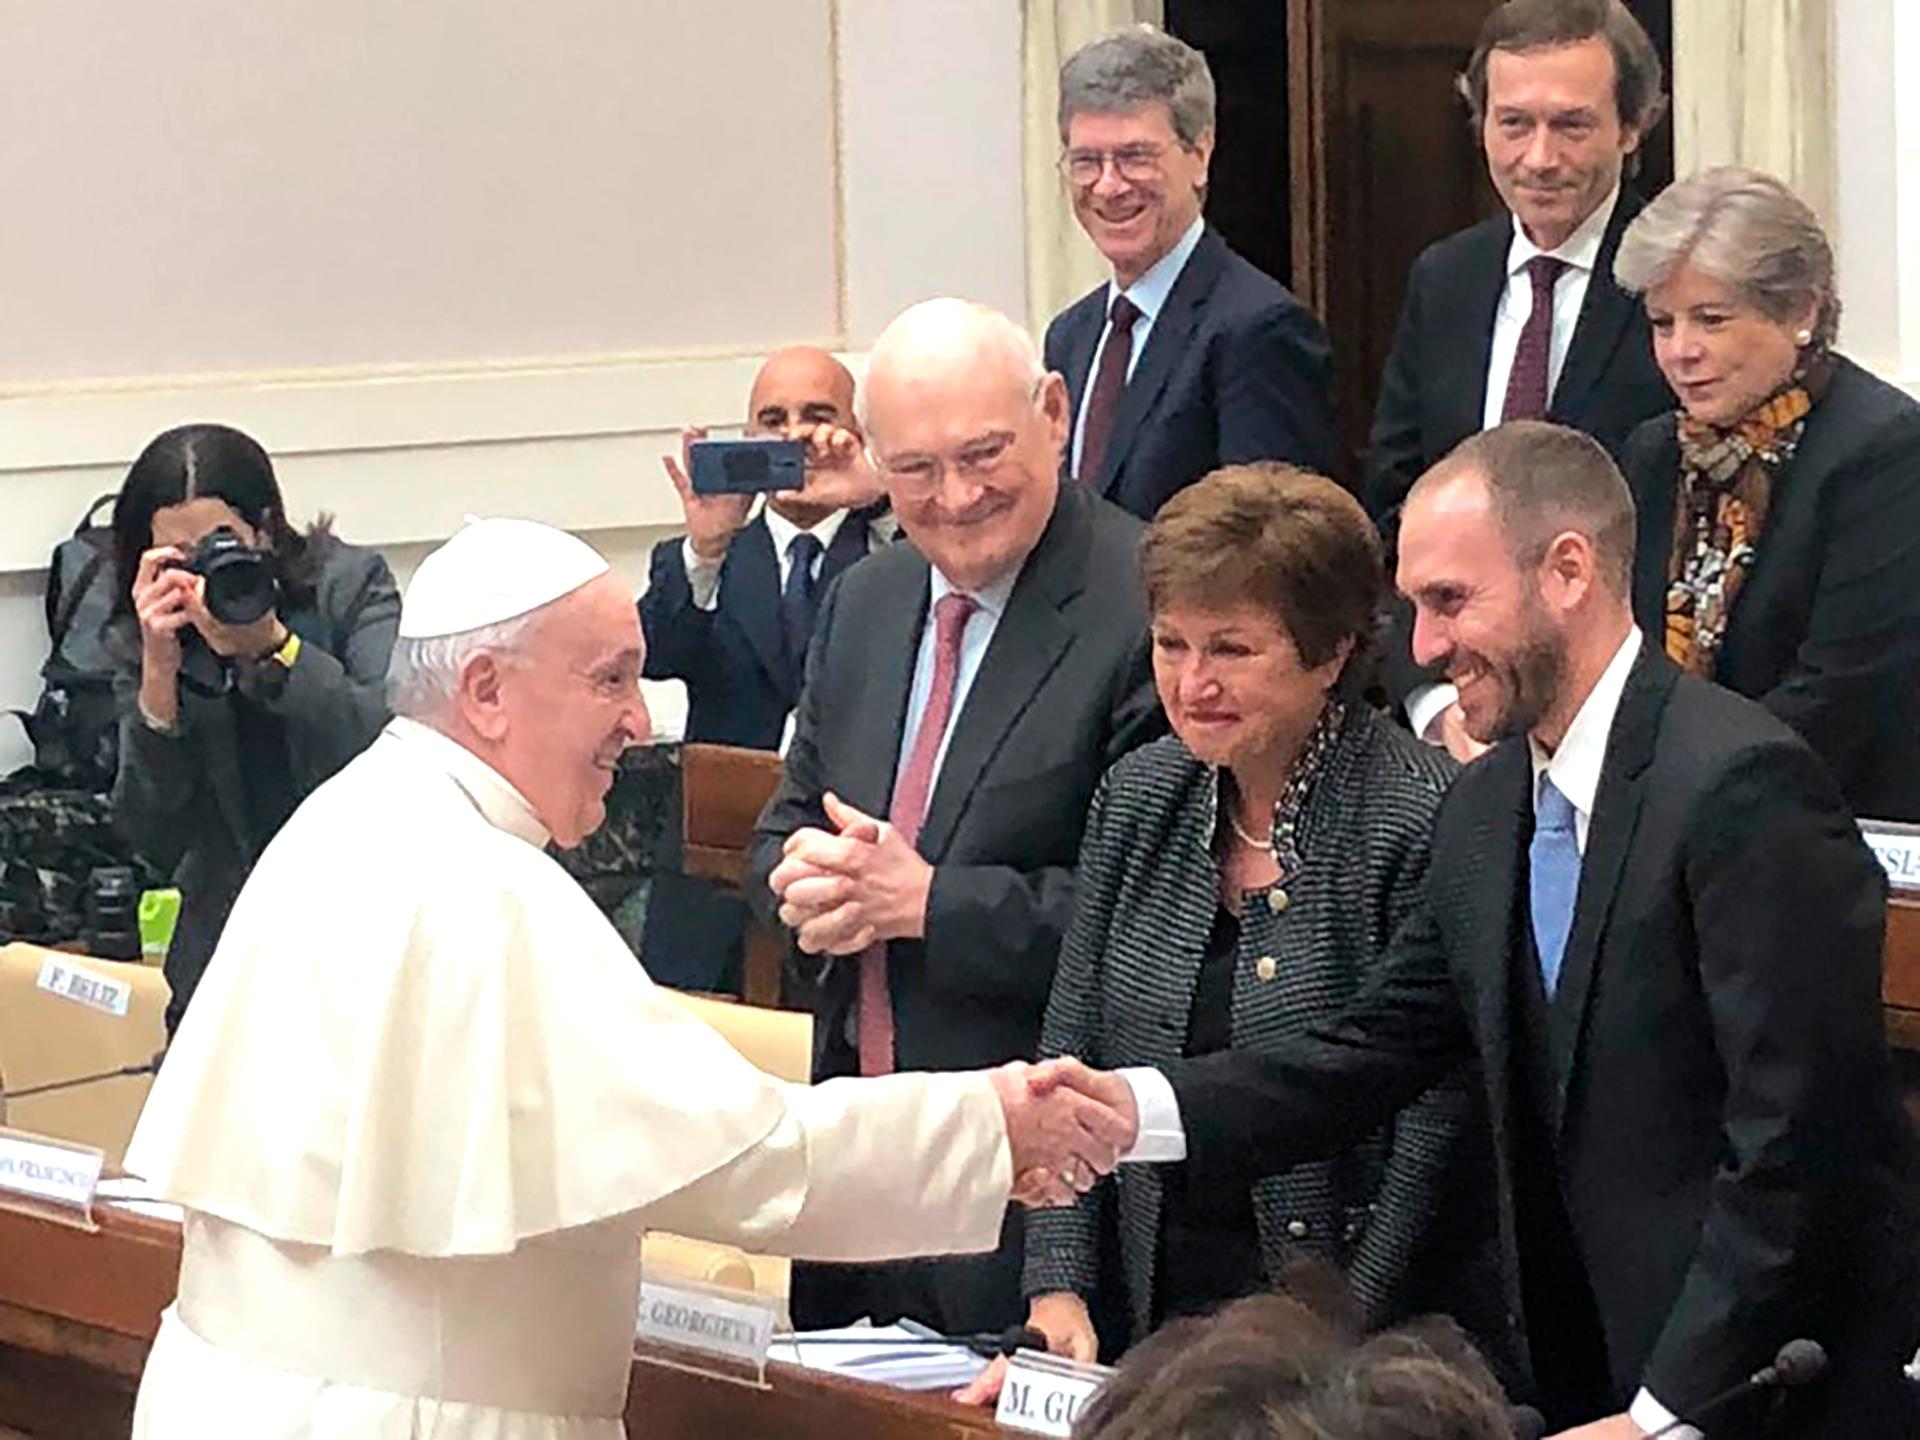 El Papa recibió a Martín Guzmán en el Vaticano para buscar su apoyo en la negociación de la deuda con el FMI